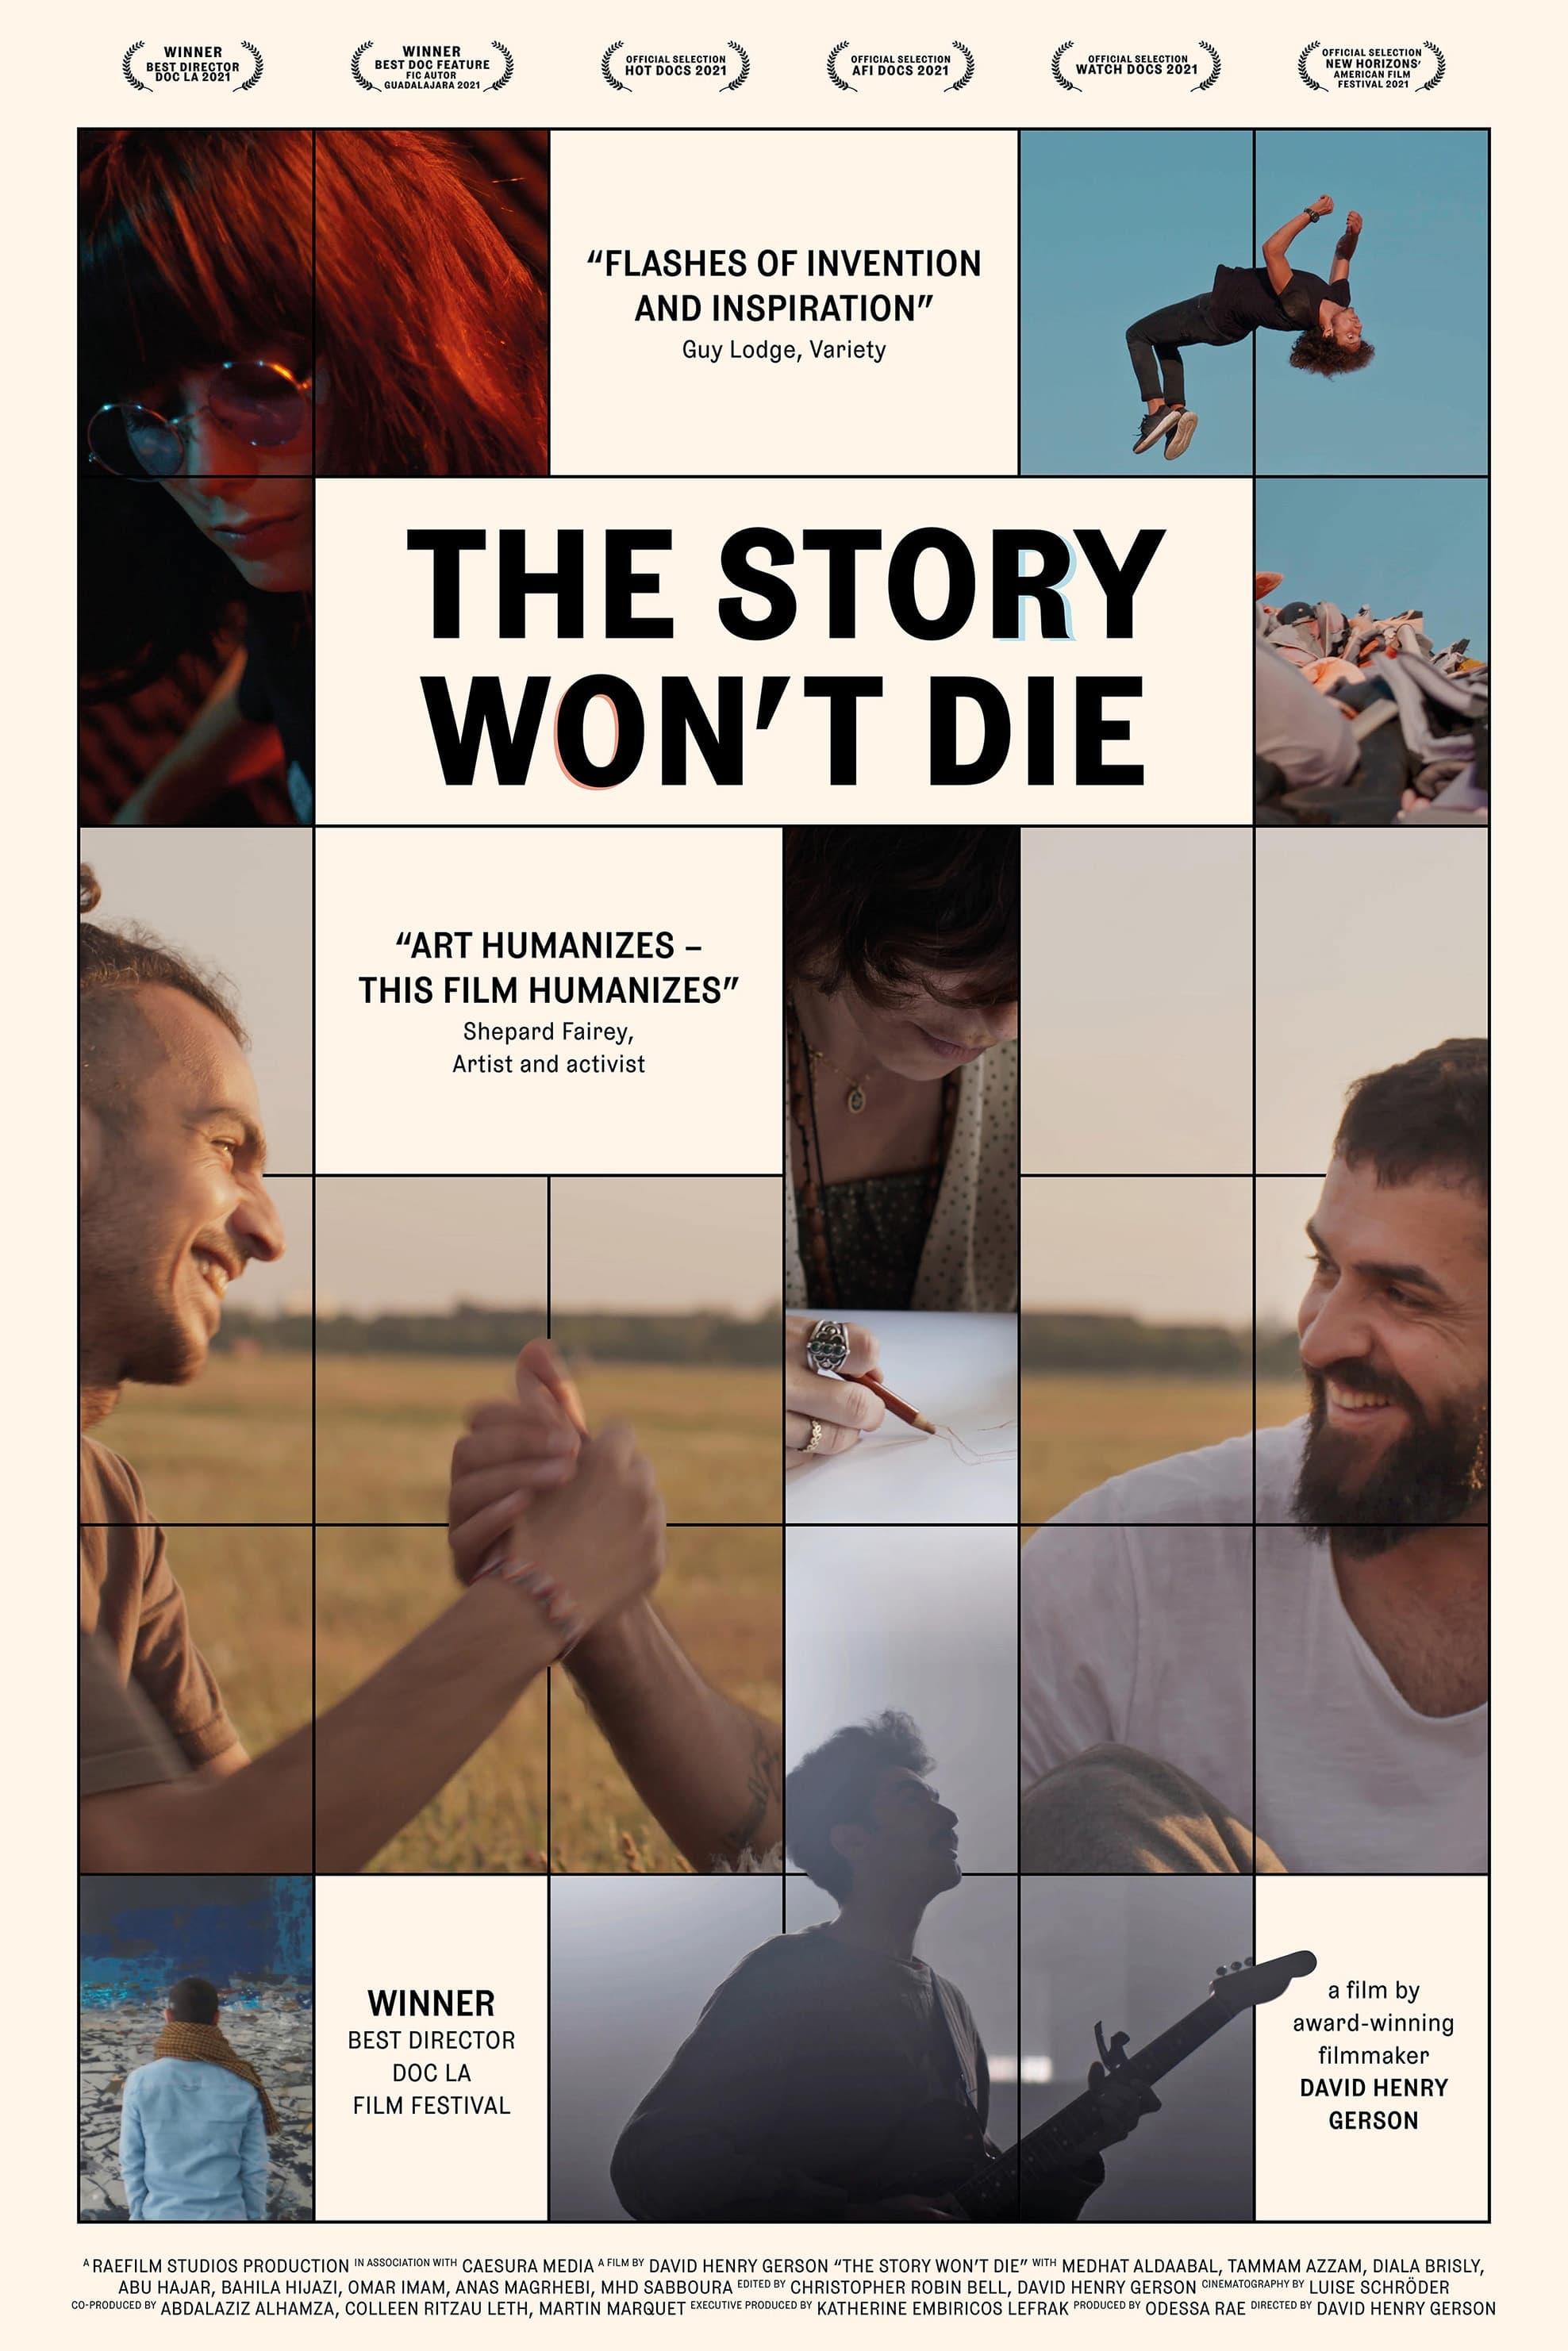 The Story Won't Die